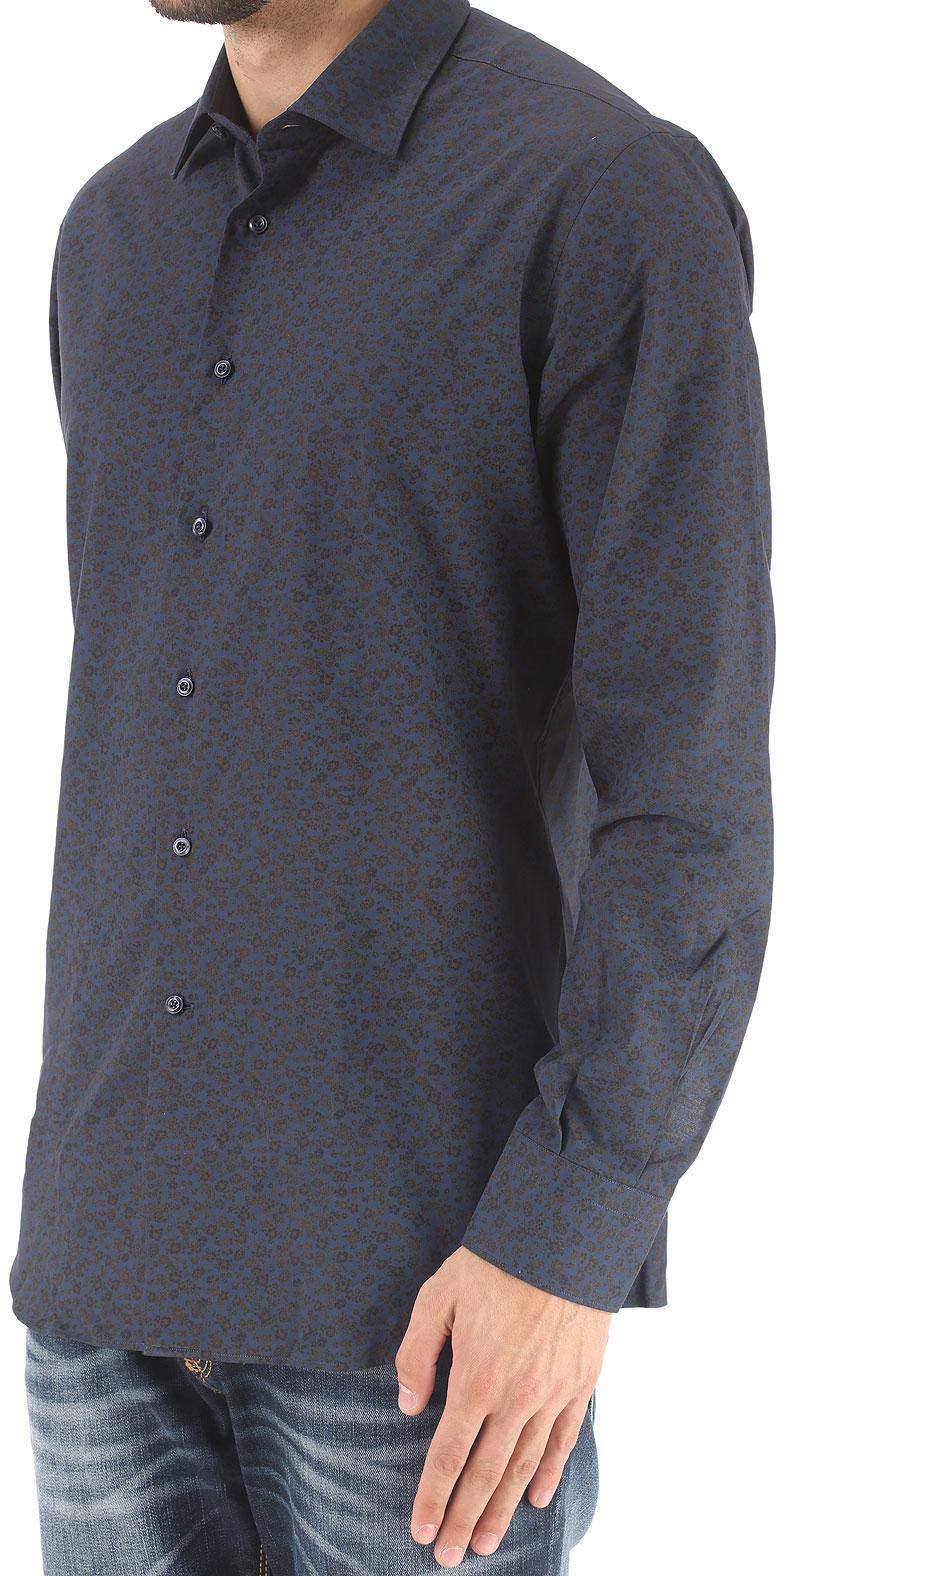 Abbigliamento Uomo Del Siena, Codice Articolo: tb84-780830-002